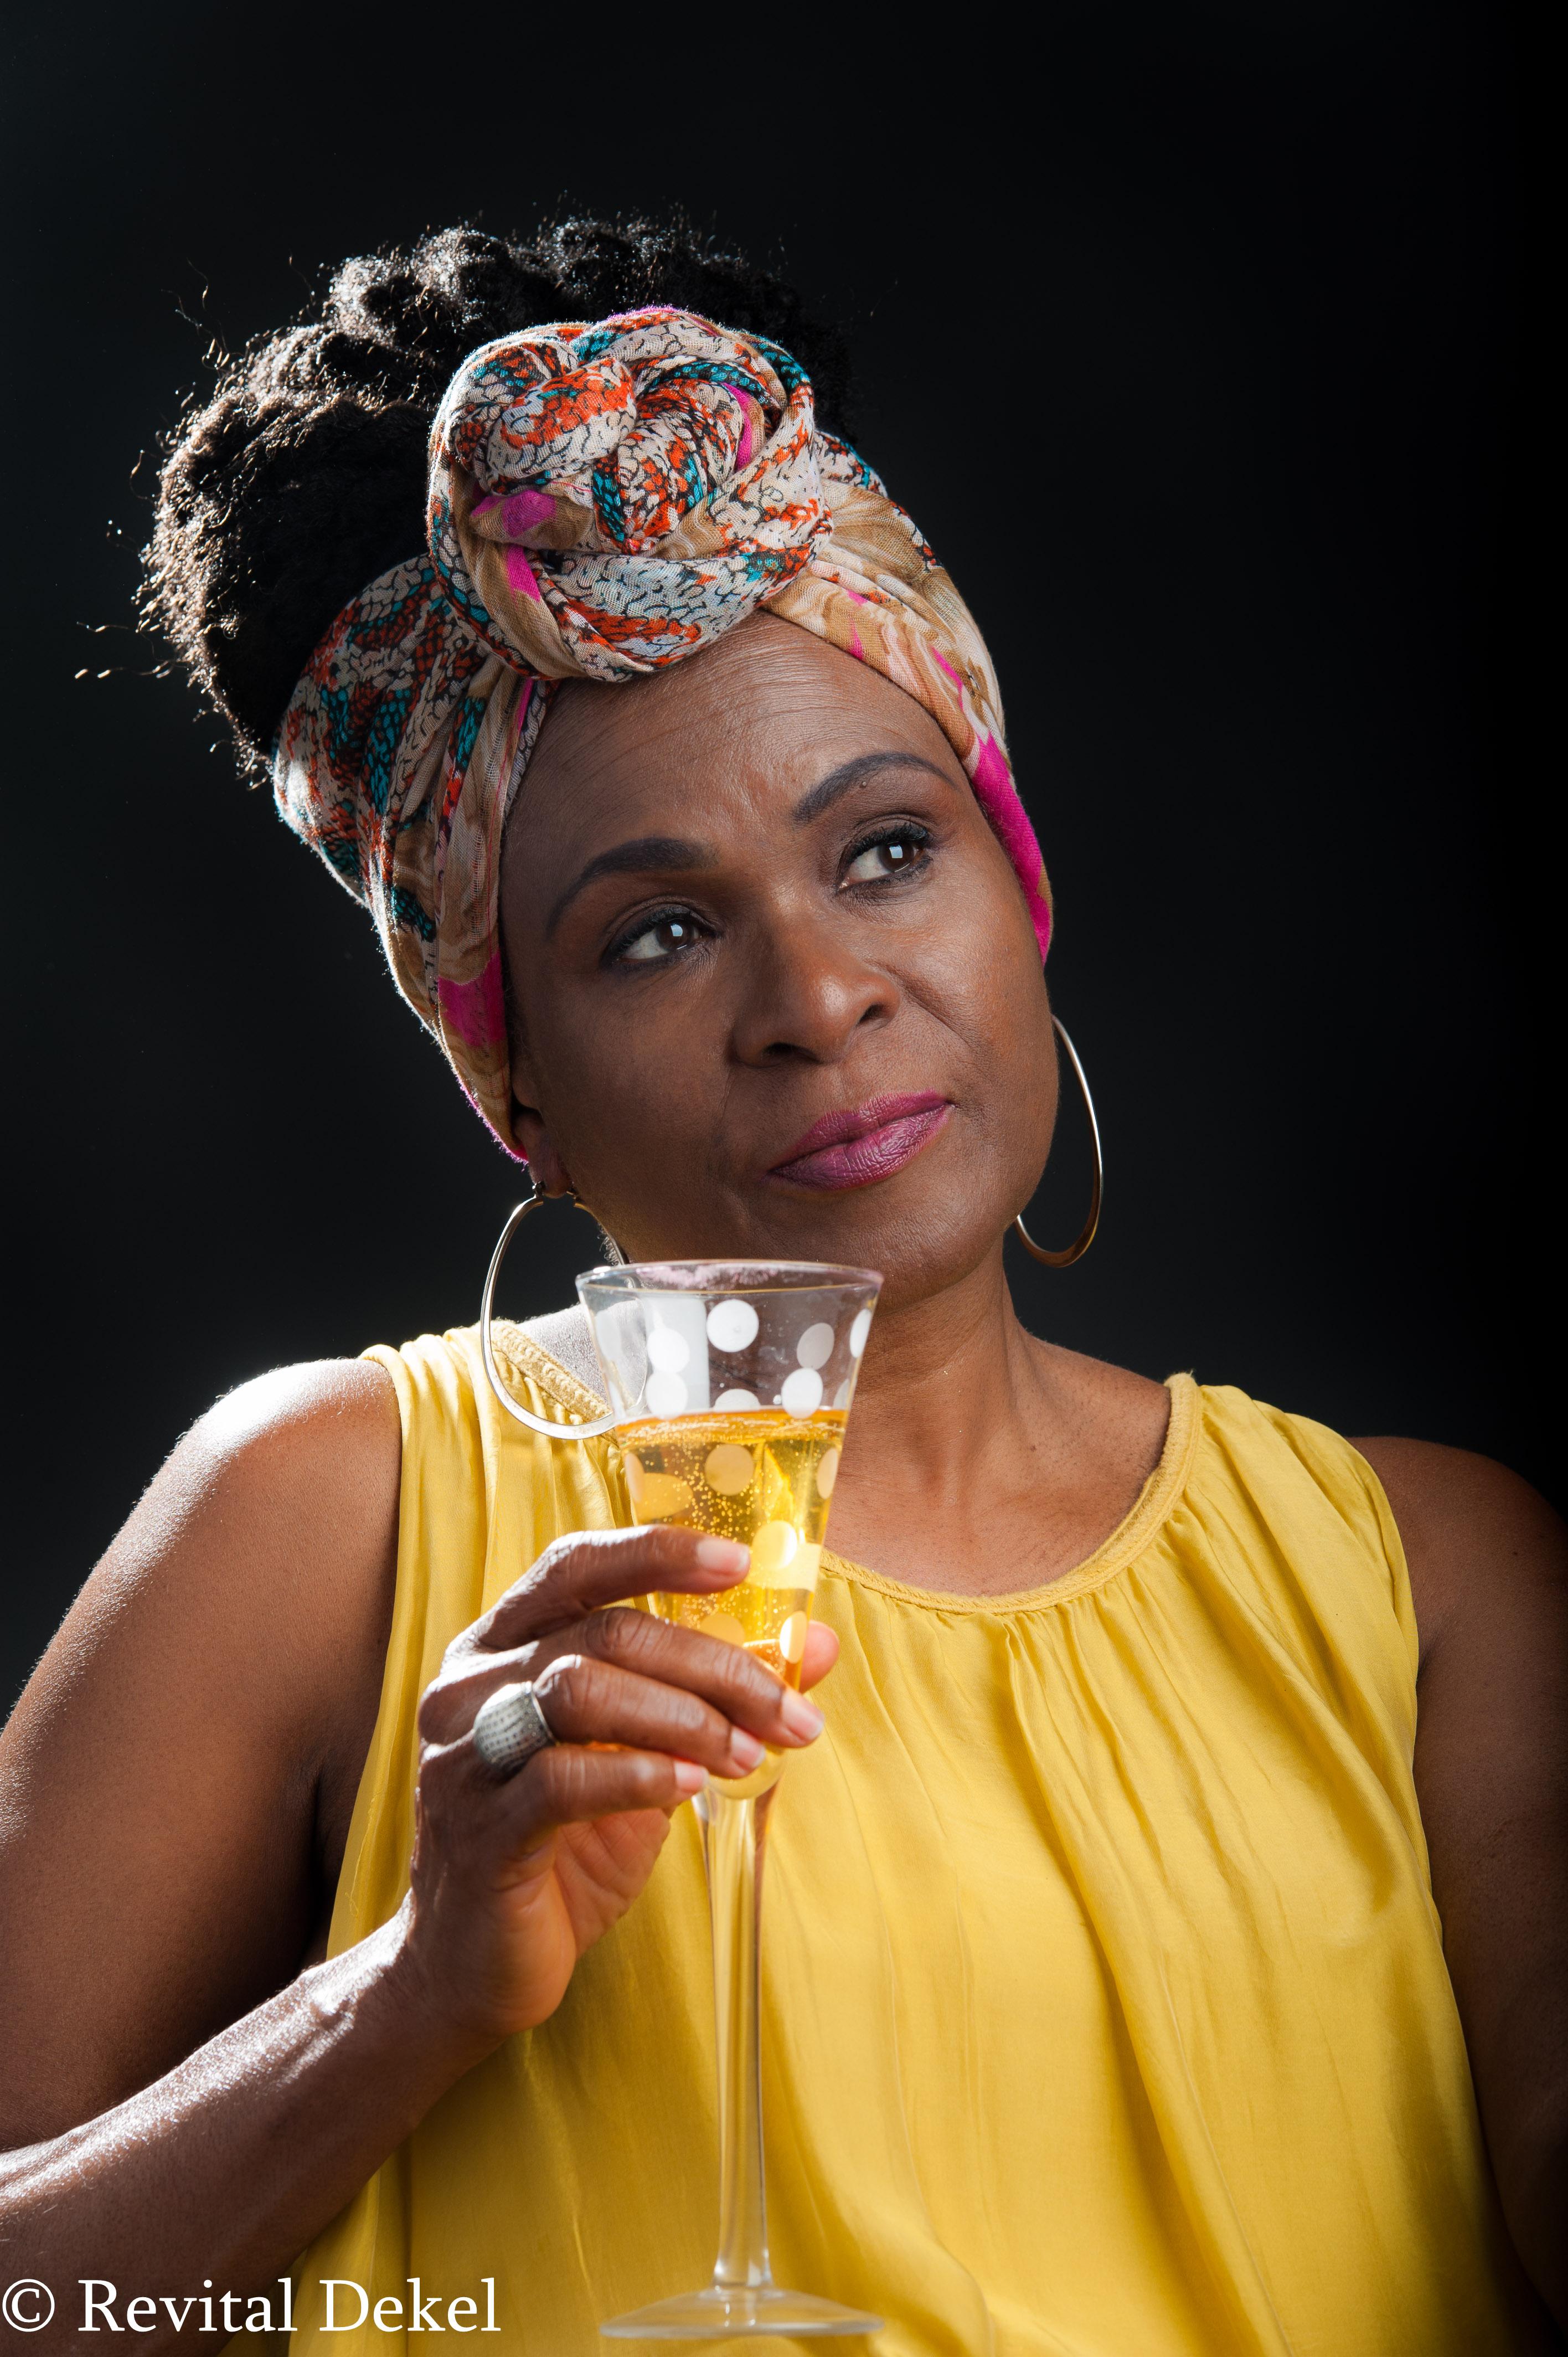 אישה עם כוס שמפניה